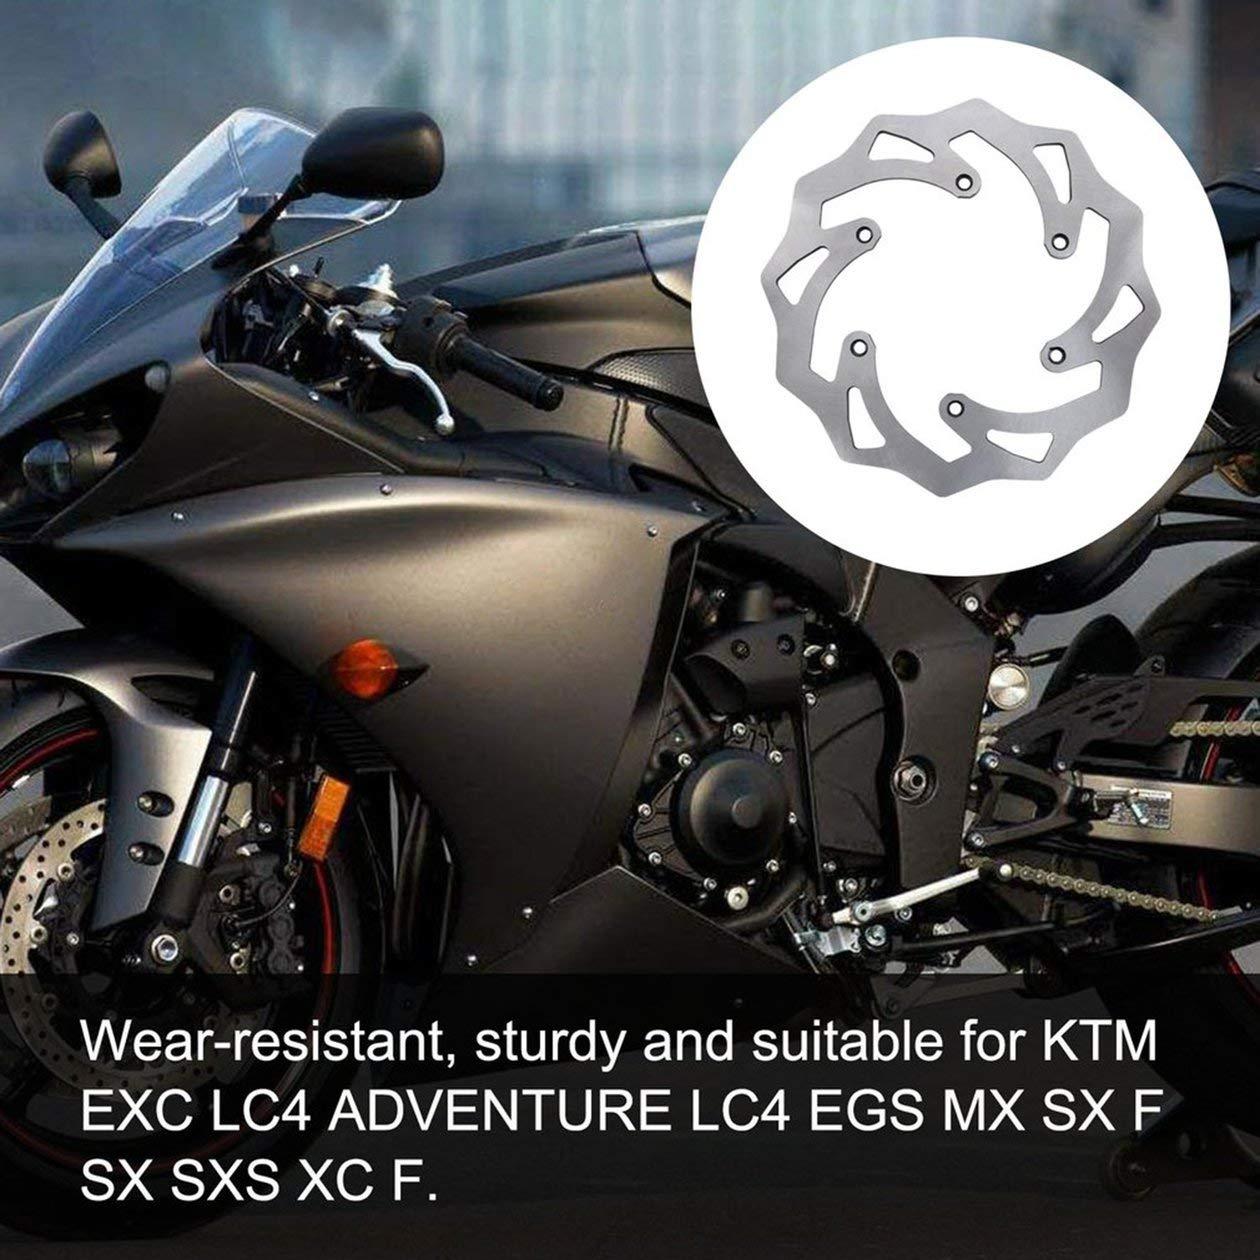 Moto Disque De Frein Arri/ère Arri/ère Pour Ktm Exc Lc4 Aventure Lc4 Egs Mx Sx F Sx Sxs Xc F Meilleur Remplacement